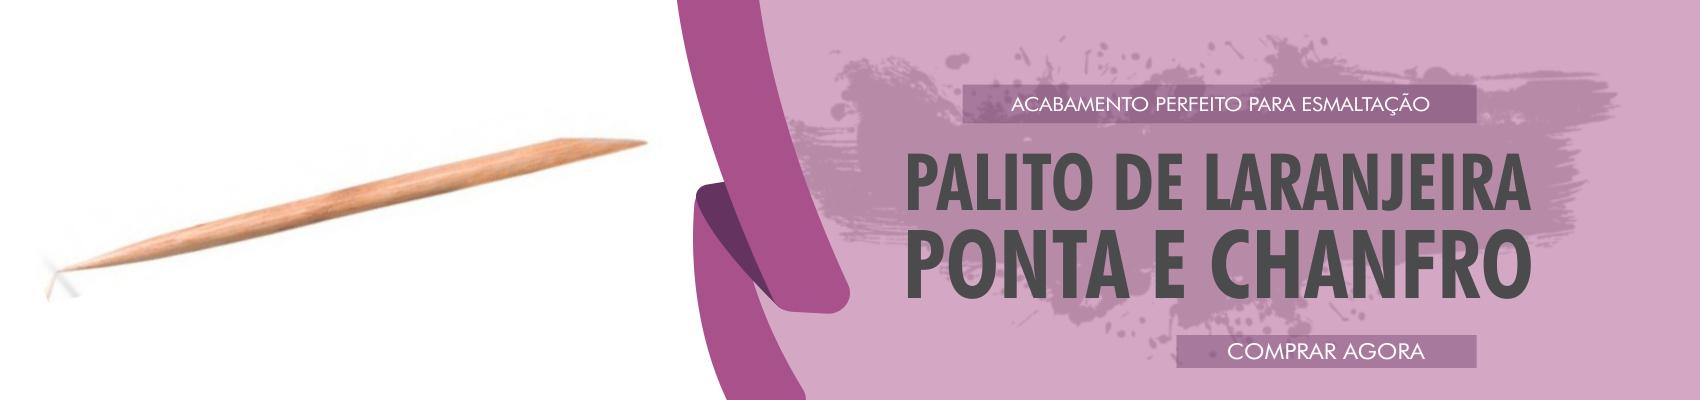 PALITO - PONTA E CHANFRO